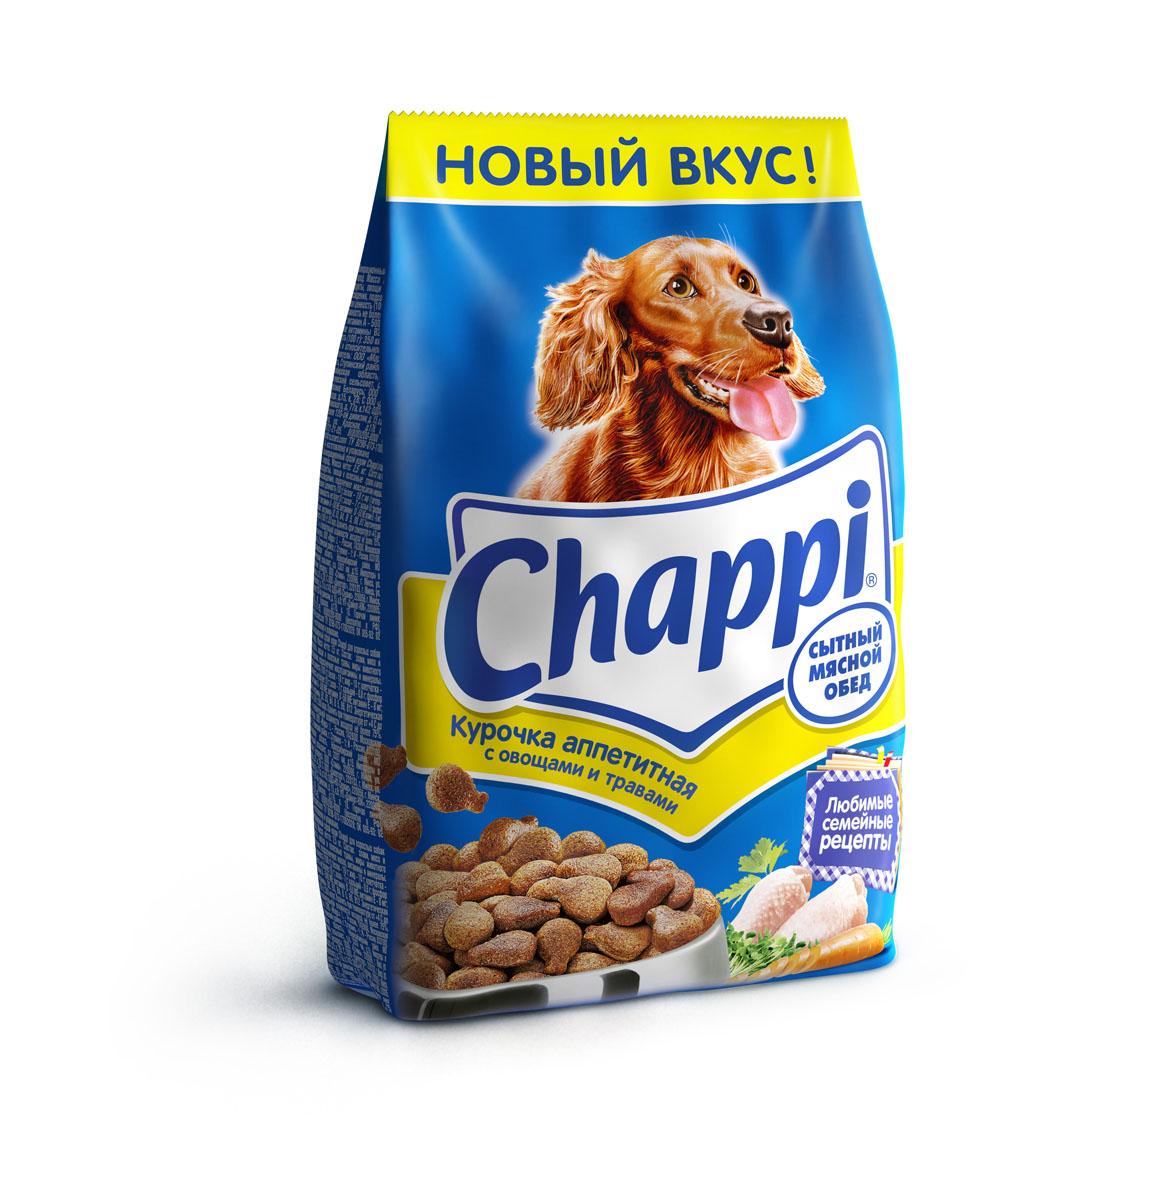 Корм сухой для собак Chappi Сытный мясной обед, курочка аппетитная, 2,5 кг0120710Сухой корм Chappi Сытный мясной обед - это специально разработанная еда для собак с оптимально сбалансированным содержанием белков, витаминов и микроэлементов.Уникальная формула Chappi включает в себя все необходимые для здоровья компоненты: - мясо - для силы и энергии в течение дня; - овощи, травы и злаки - для отличного пищеварения; - масла и жиры - для блестящей шерсти и здоровой кожи; - кальций - для крепких зубов и костей; - витамины - для защиты здоровья; - минералы - для подержания собаки в оптимальной форме.Корм Chappi идеально подходит для вашего любимца как надежный источник жизненных сил. Состав: злаки, мясо и субпродукты, жиры животного происхождения, морковь, люцерна, растительные масла, минеральные вещества, витамины.Пищевая ценность в 100 г: белок - 18 г, жиры - 10 г, клетчатка - 7 г, влажность - не более 10 г, зола - 7 г, кальций - 0,8 г, фосфор - 0,6 г, витамин А - 500 МЕ, витамин D - 50 МЕ, витамин Е - 8 мг, витамины В2, В12, пантотеновая и никотиновая кислоты.Энергетическая ценность в 100 г: 350 ккал.Вес: 2,5 кг.Товар сертифицирован.